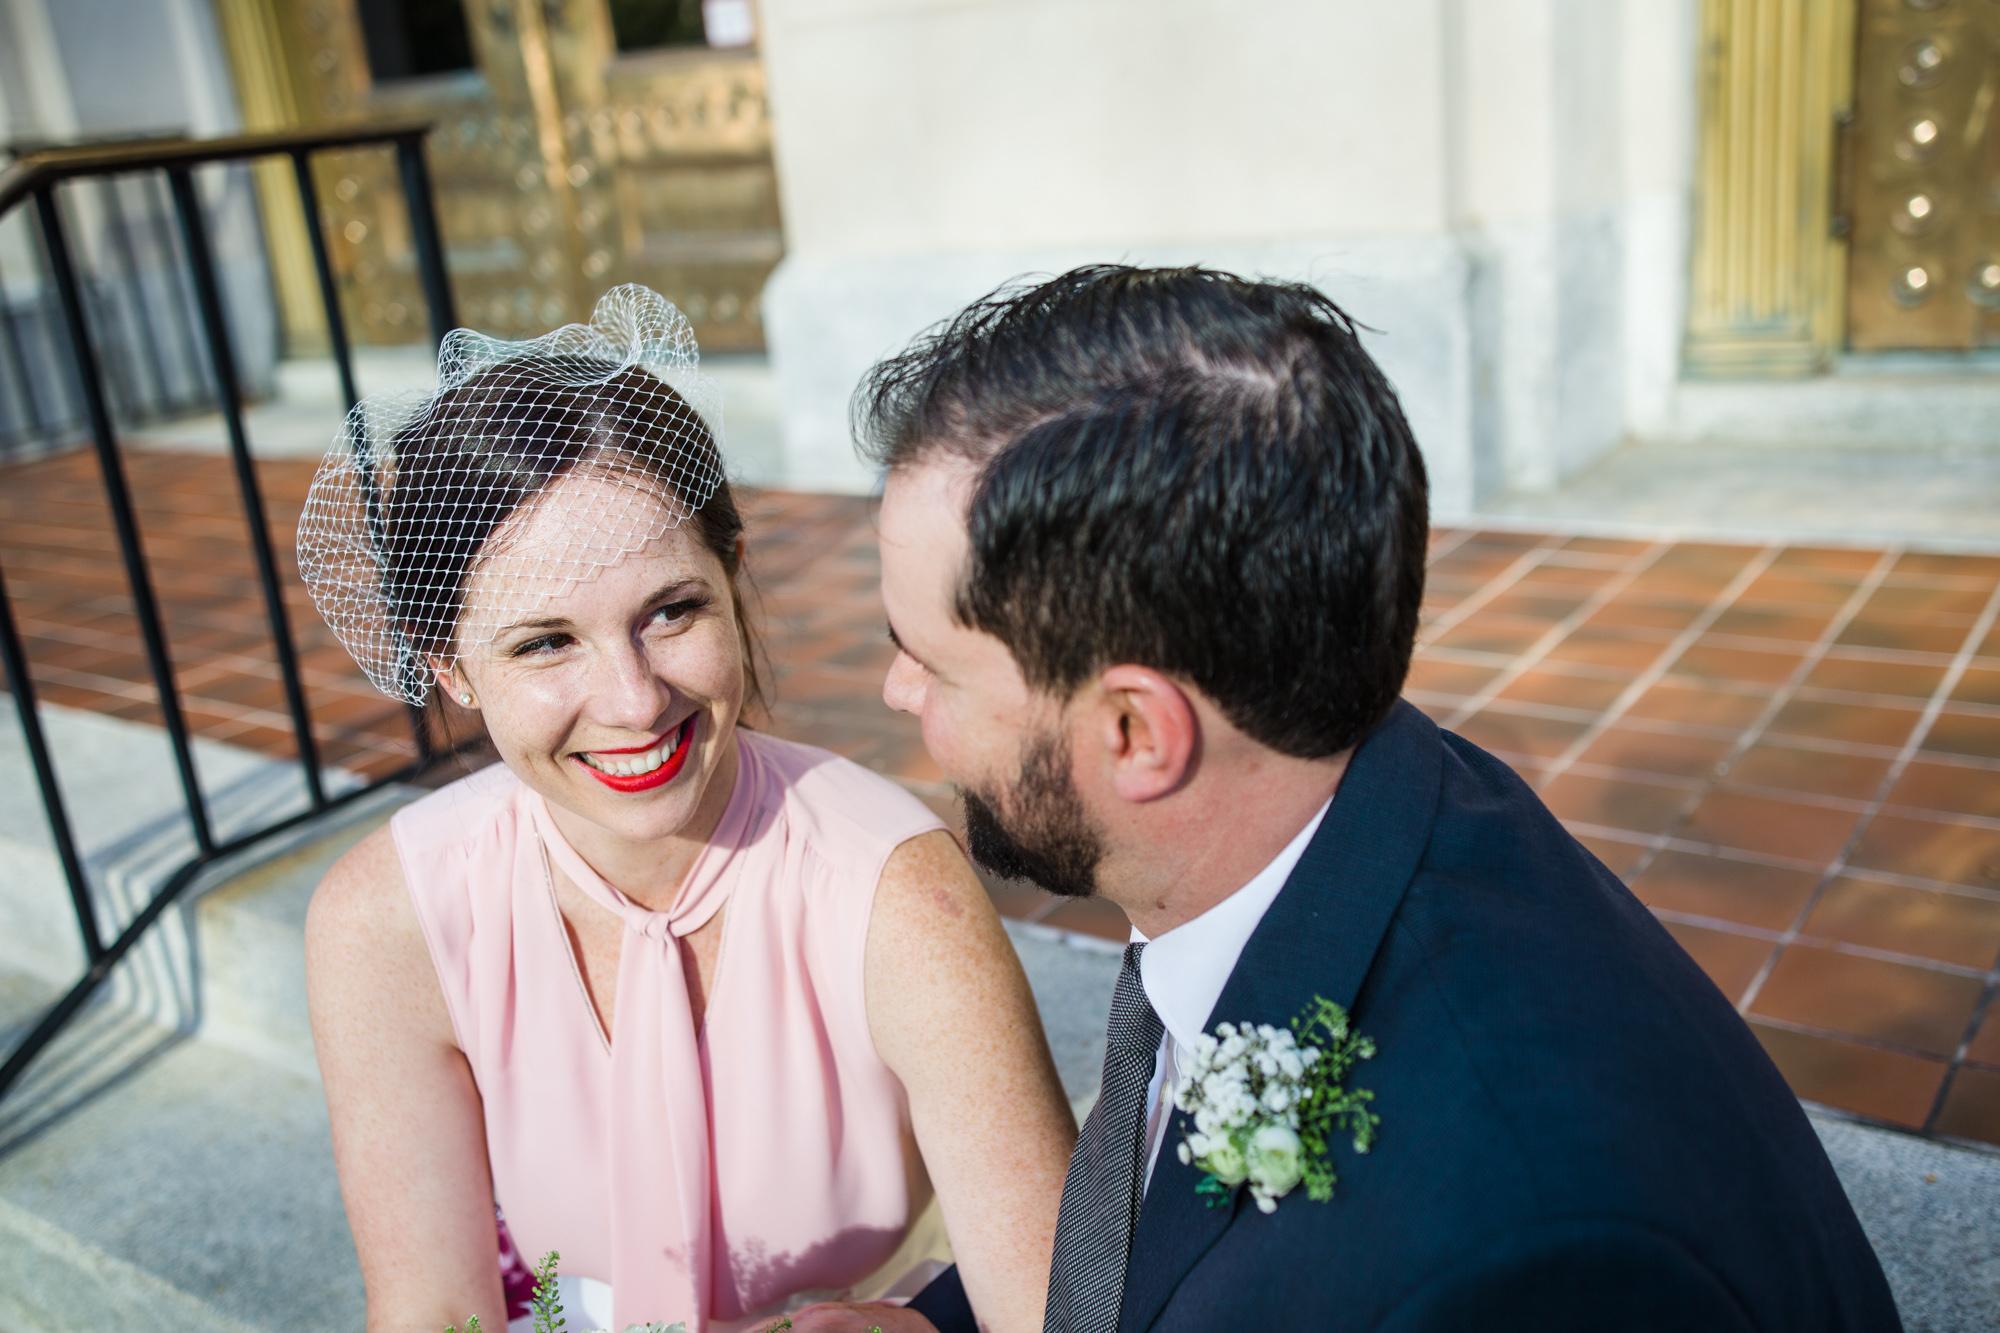 2018_10_17_mowita_drew_durham_courthouse_wedding-2866.jpg